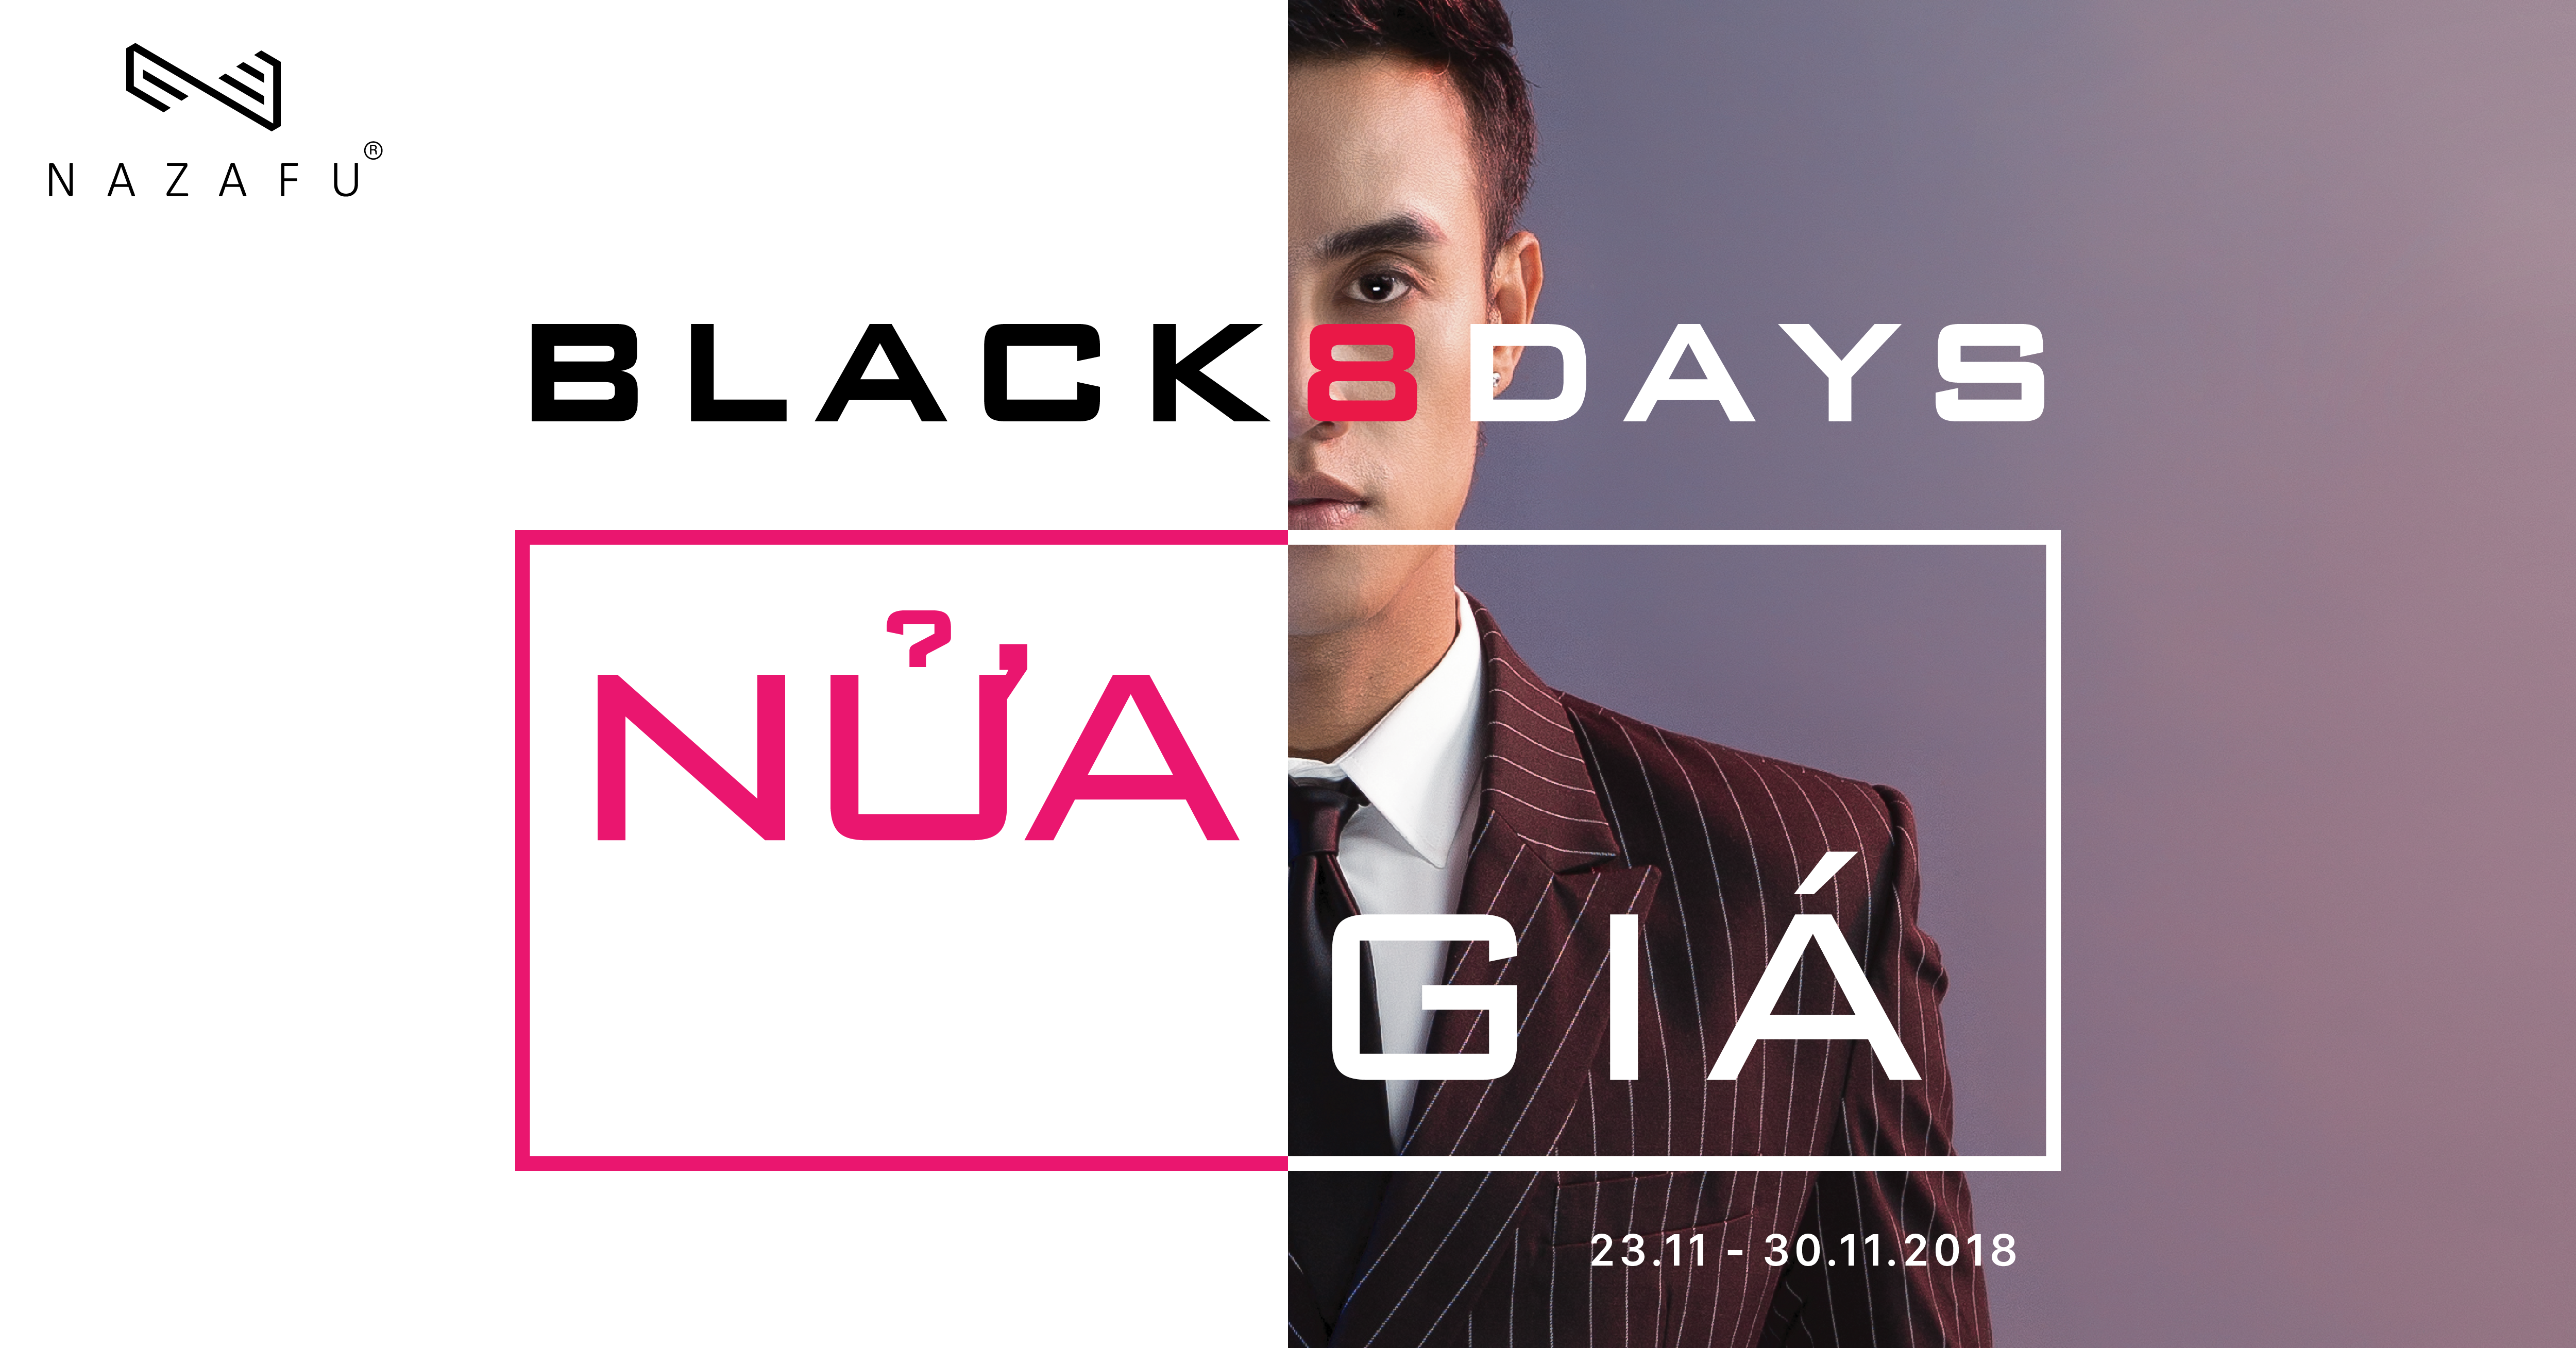 BLACK 8 DAYS – NAZAFU GIẢM LÊN ĐẾN 50%